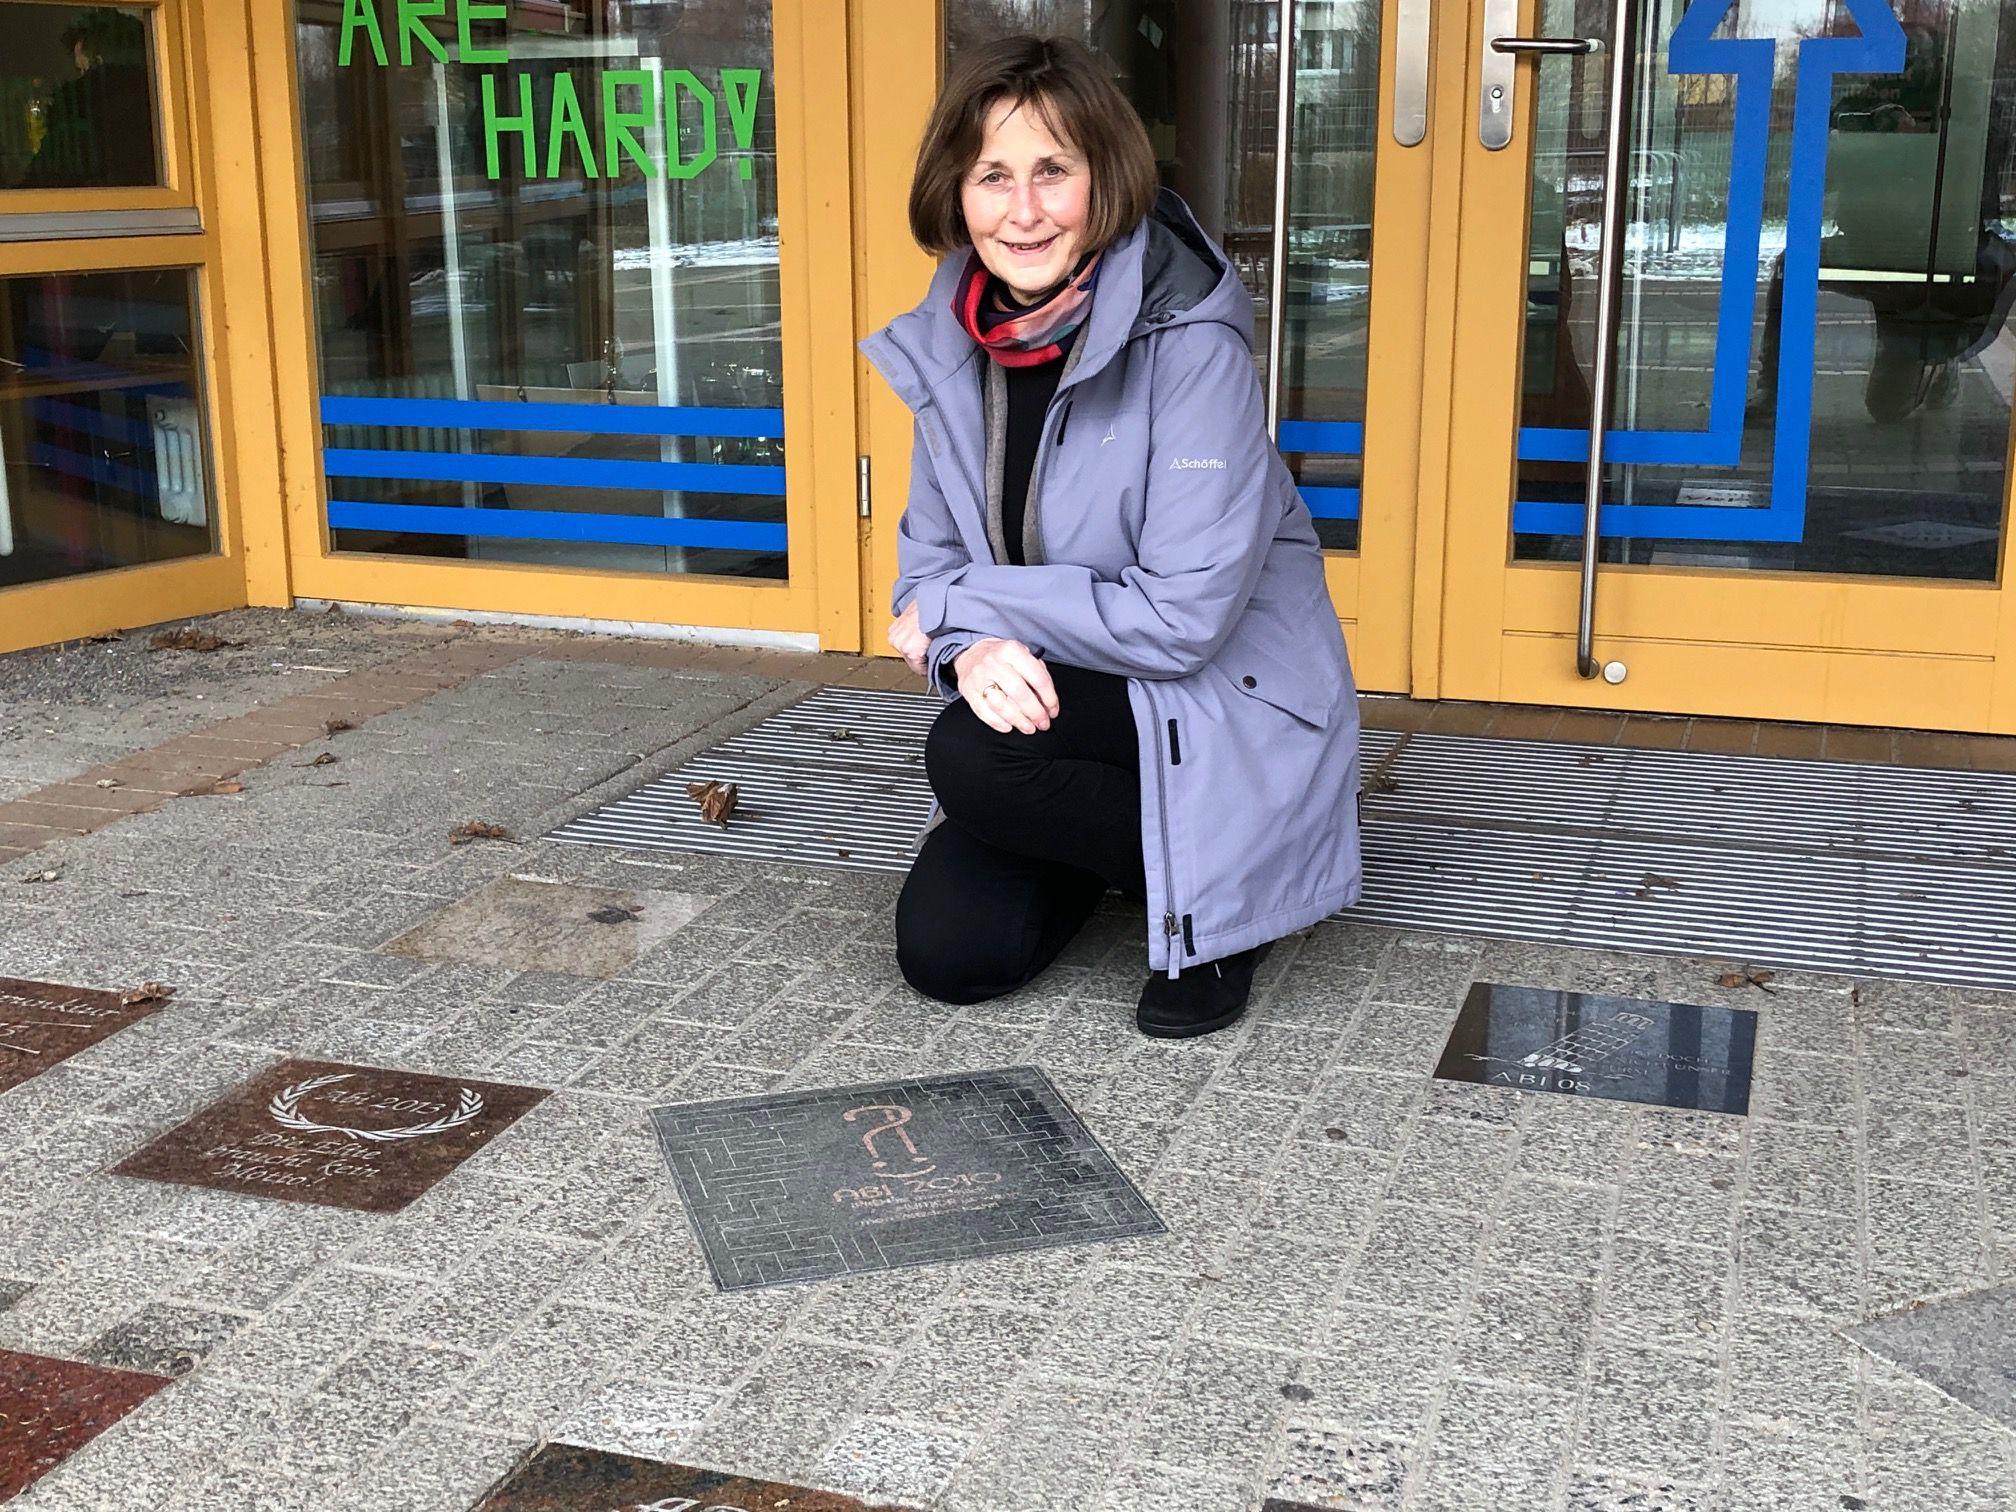 Claudia Heimen Rektorin Hedwig-Bollhagen-Gymnasium Velten von Mai 2001 bis Januar 2021 Rektorin Velten